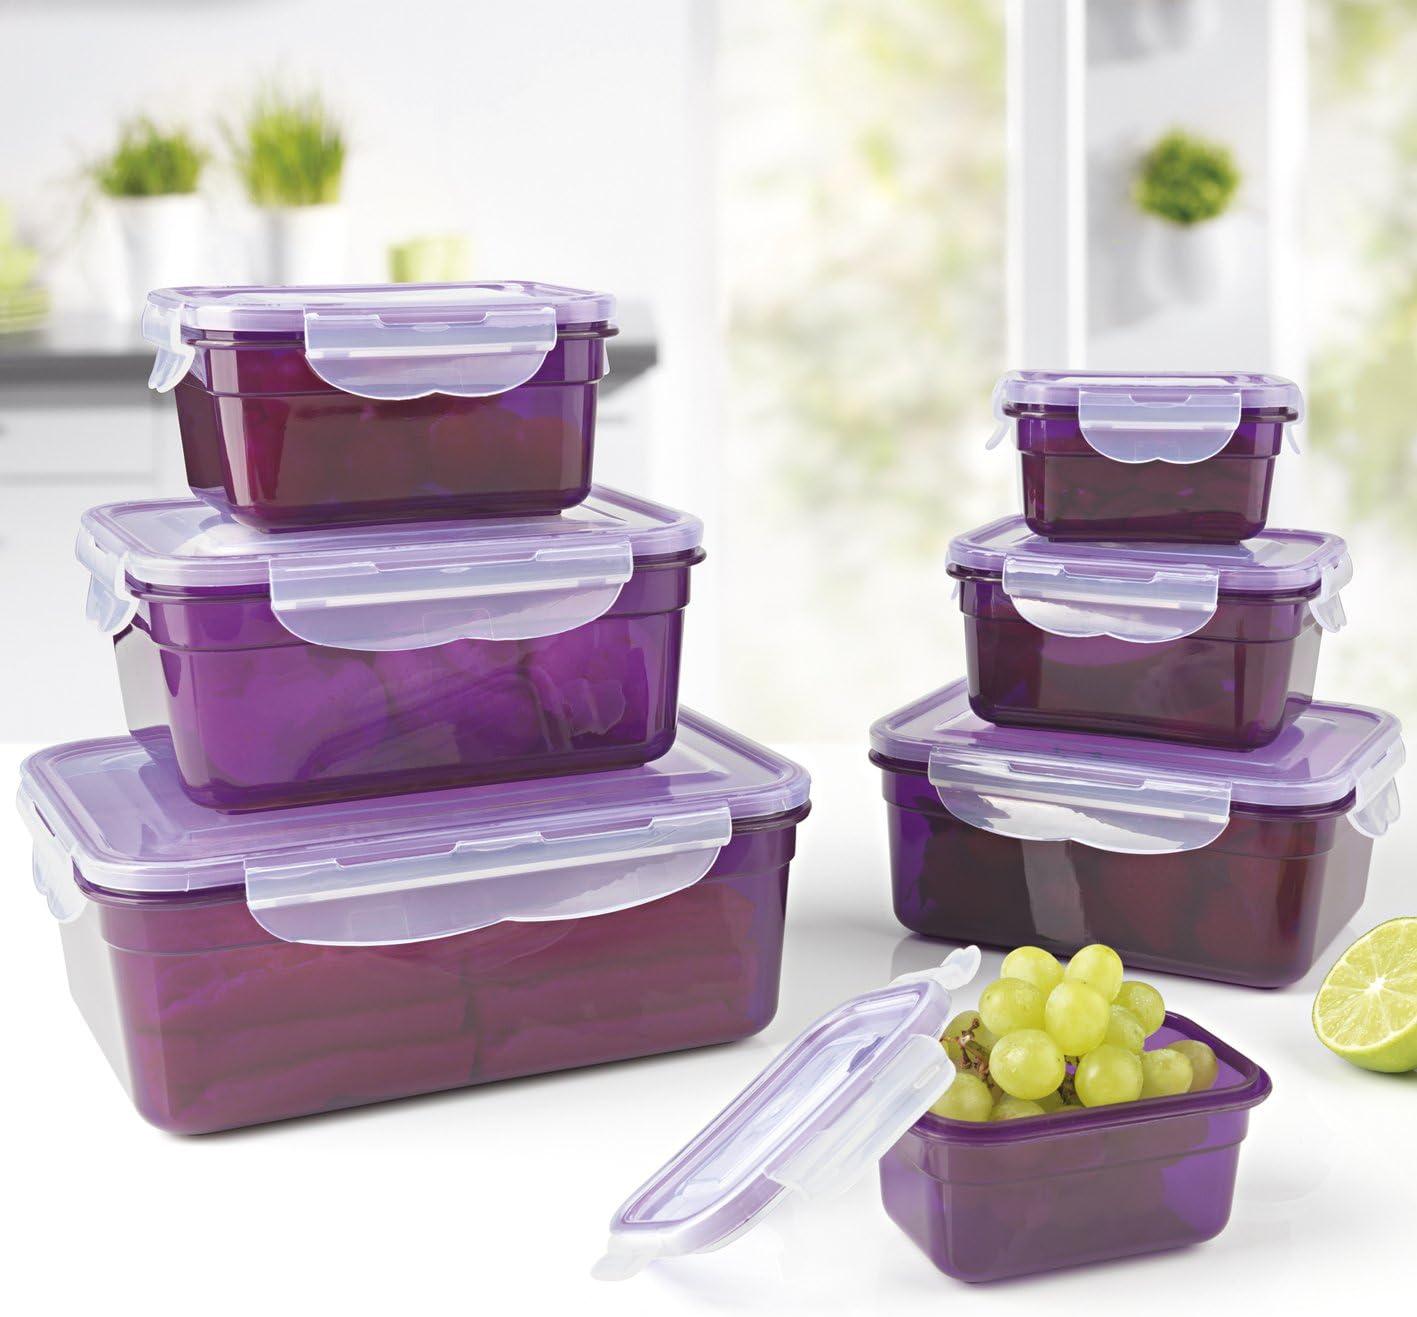 GOURMETmaxx Set de contenedores de Alimentos de Vidrio, Incluyendo la Tapa | Cierre cuádruple y Sello de Silicona conservación del Aroma de la Comida (BPA Libre, Set de 7 - Lavanda)